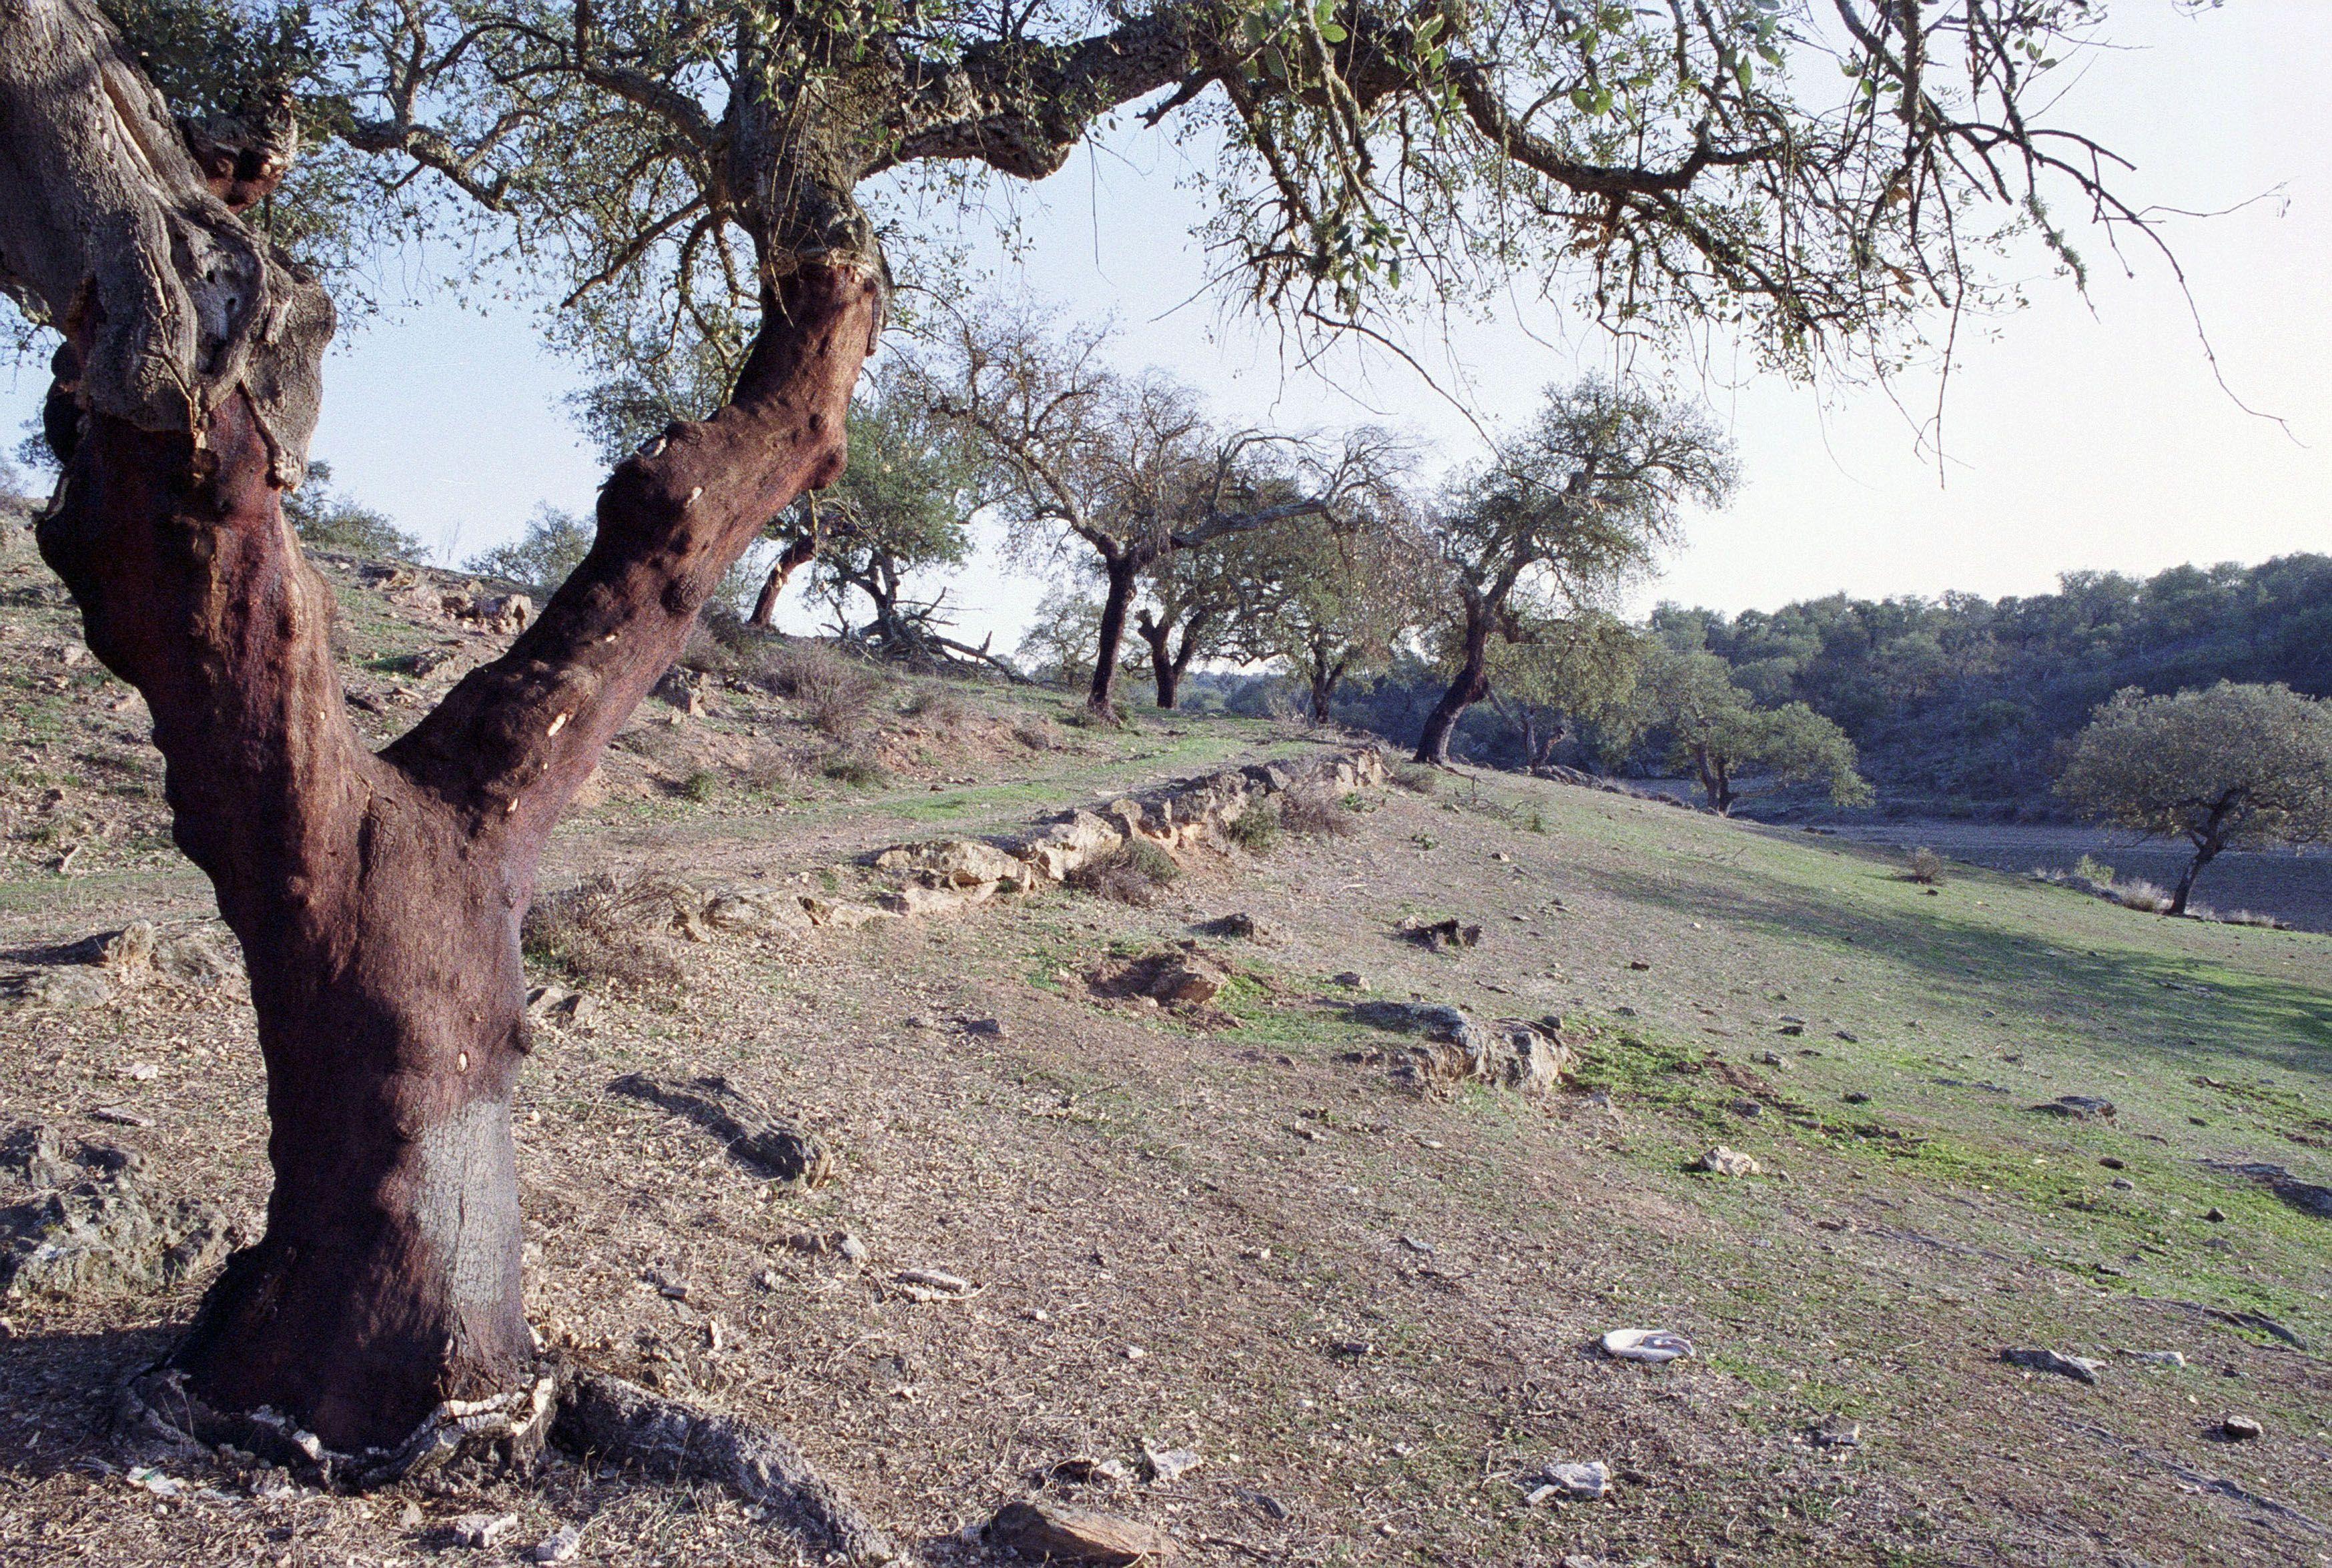 Várias parcelas de terras em Angola sem cadastro consideradas ocupações informais